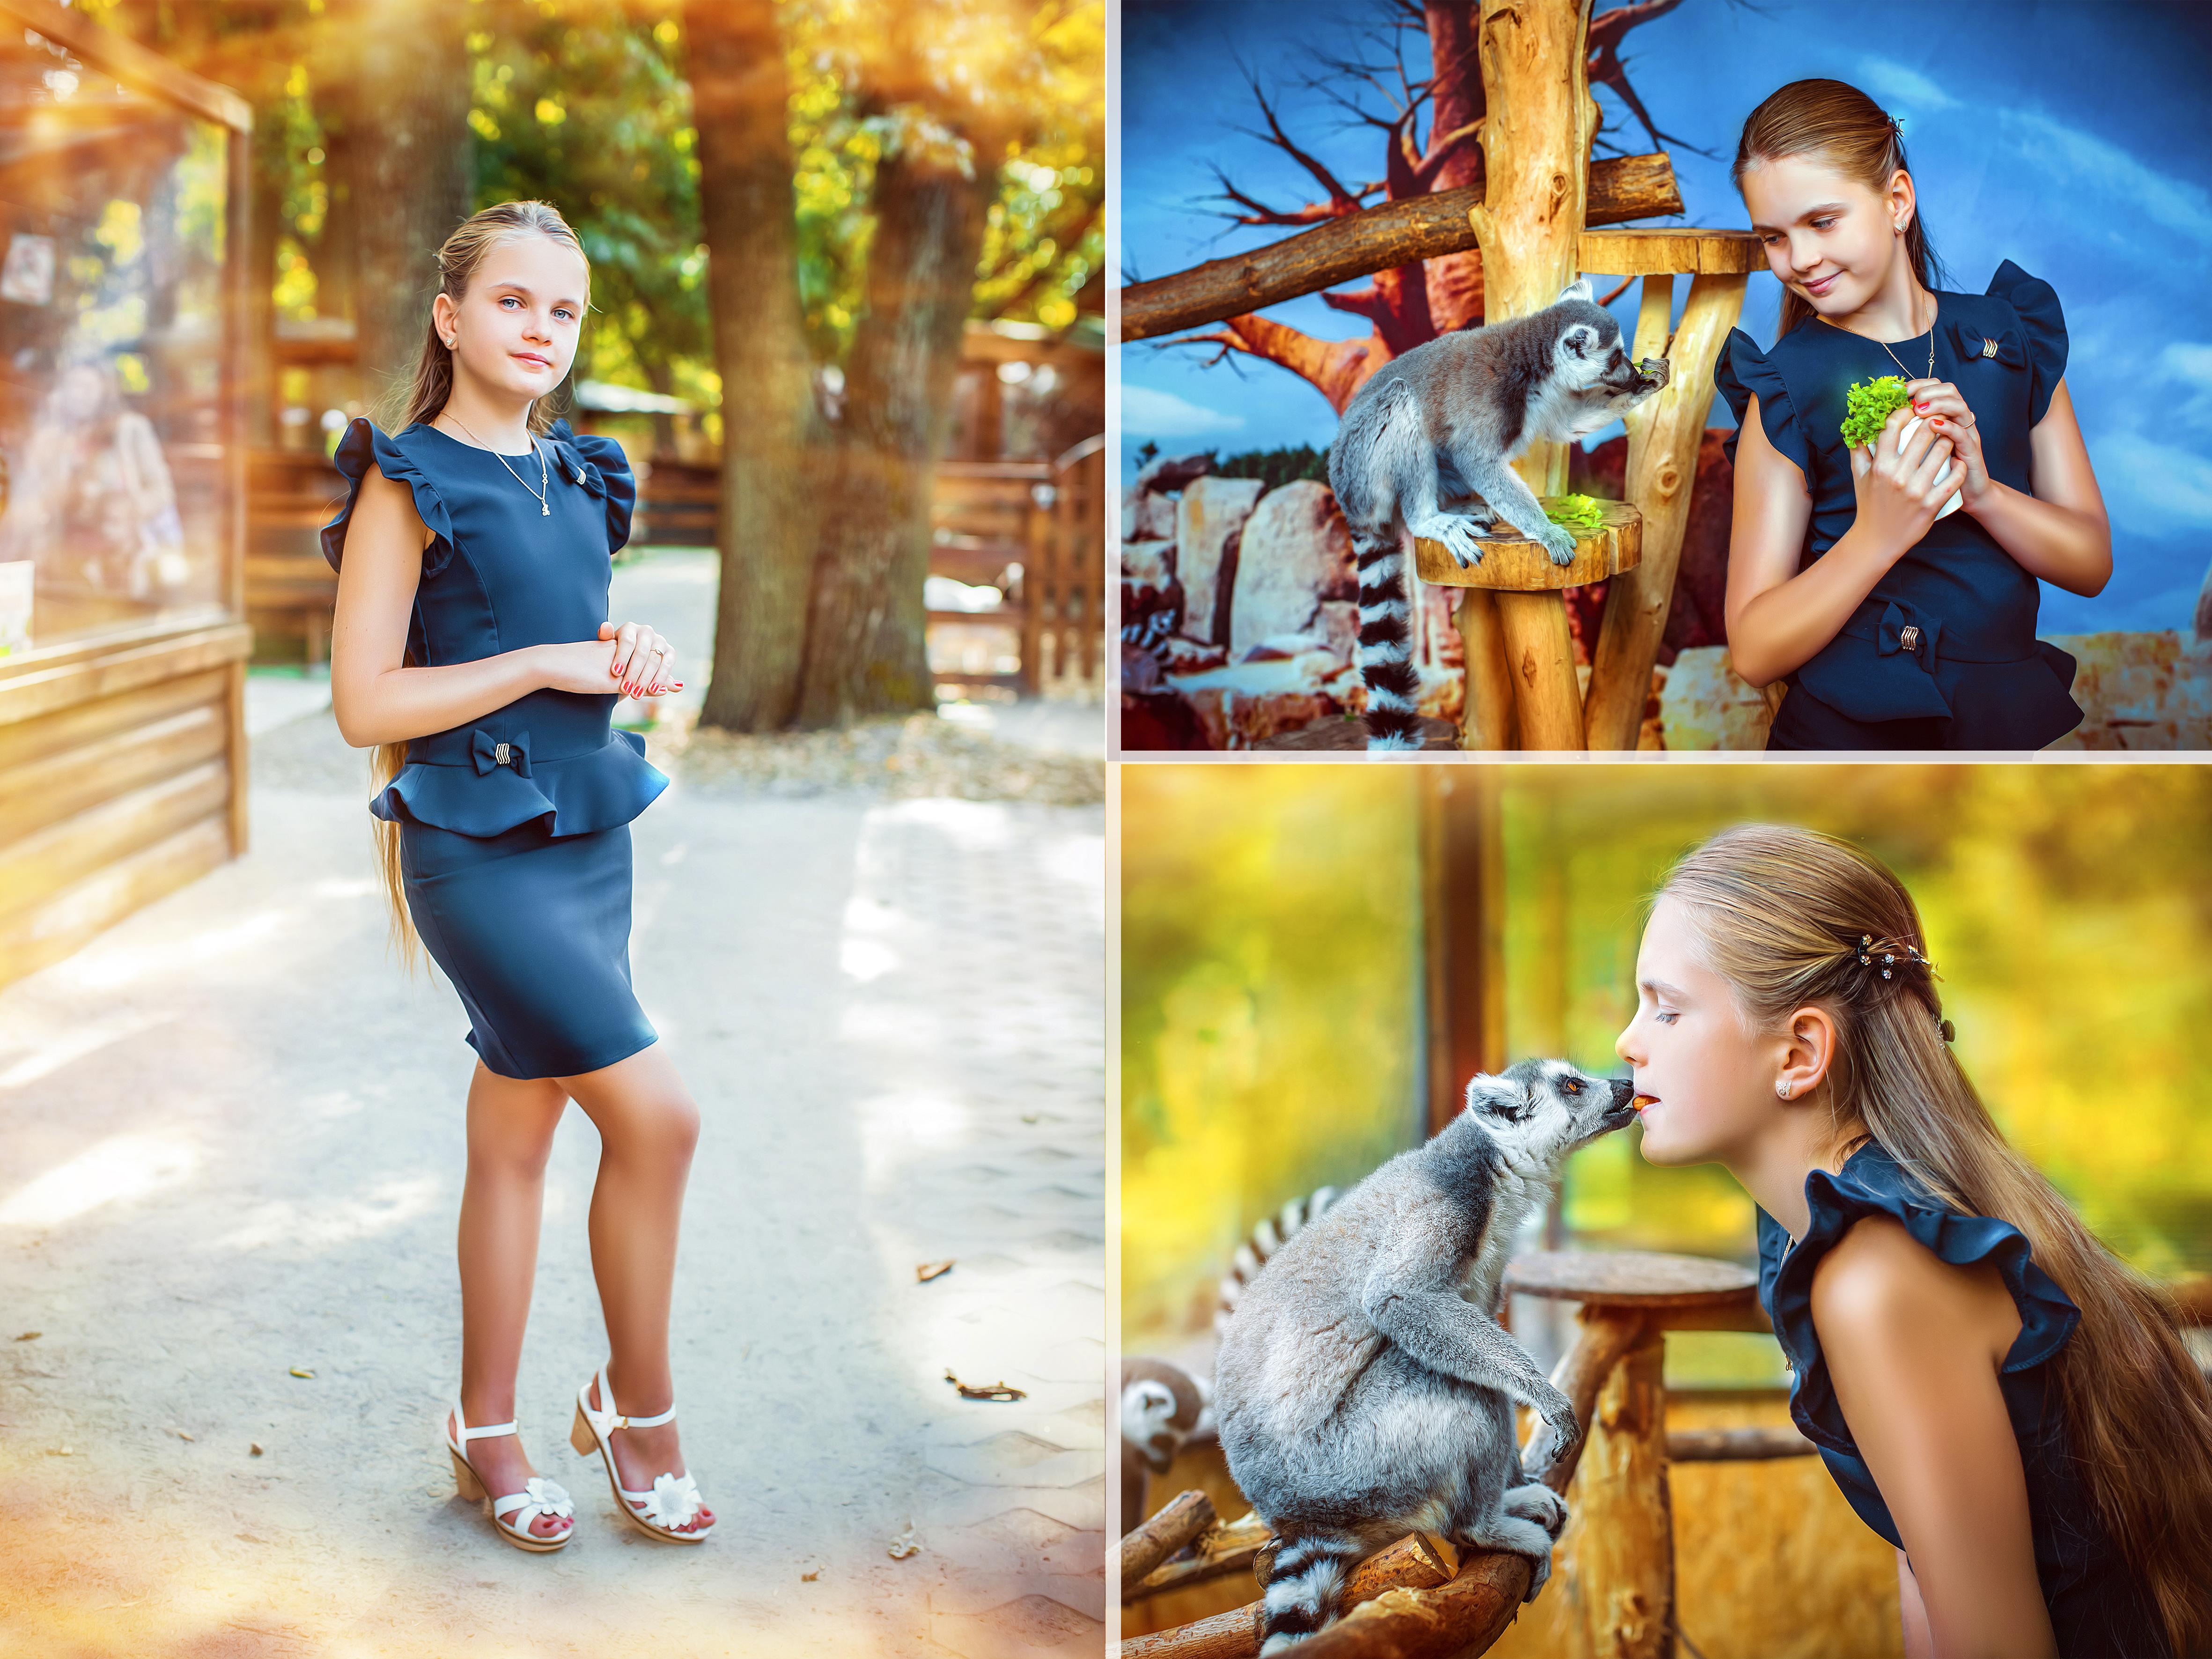 Анимал Парк контактный зоопарк